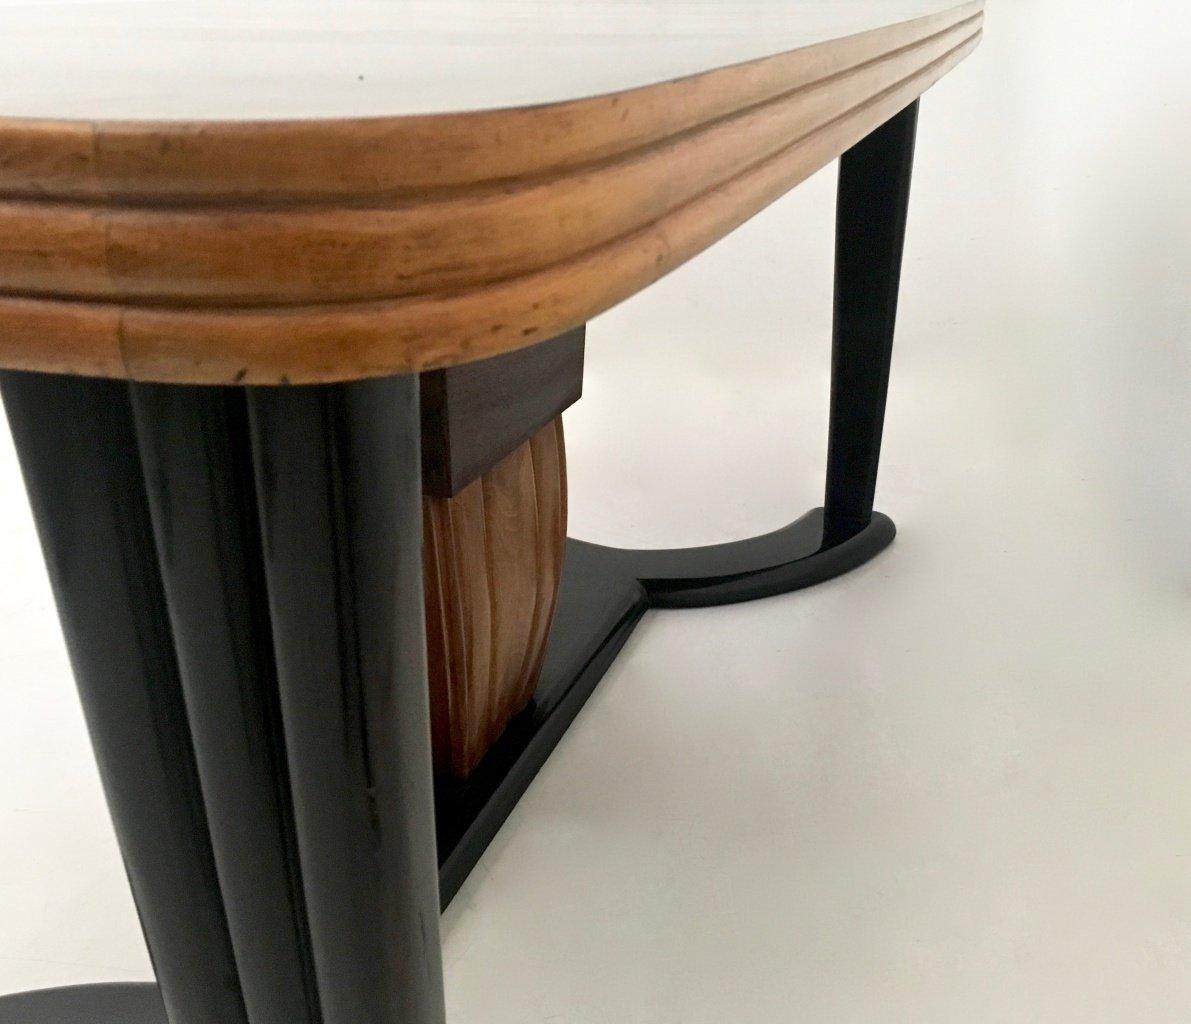 esstisch aus mahagoni ebonisiertem holz mit schwarzer opalglas tischplatte 1940er bei pamono. Black Bedroom Furniture Sets. Home Design Ideas